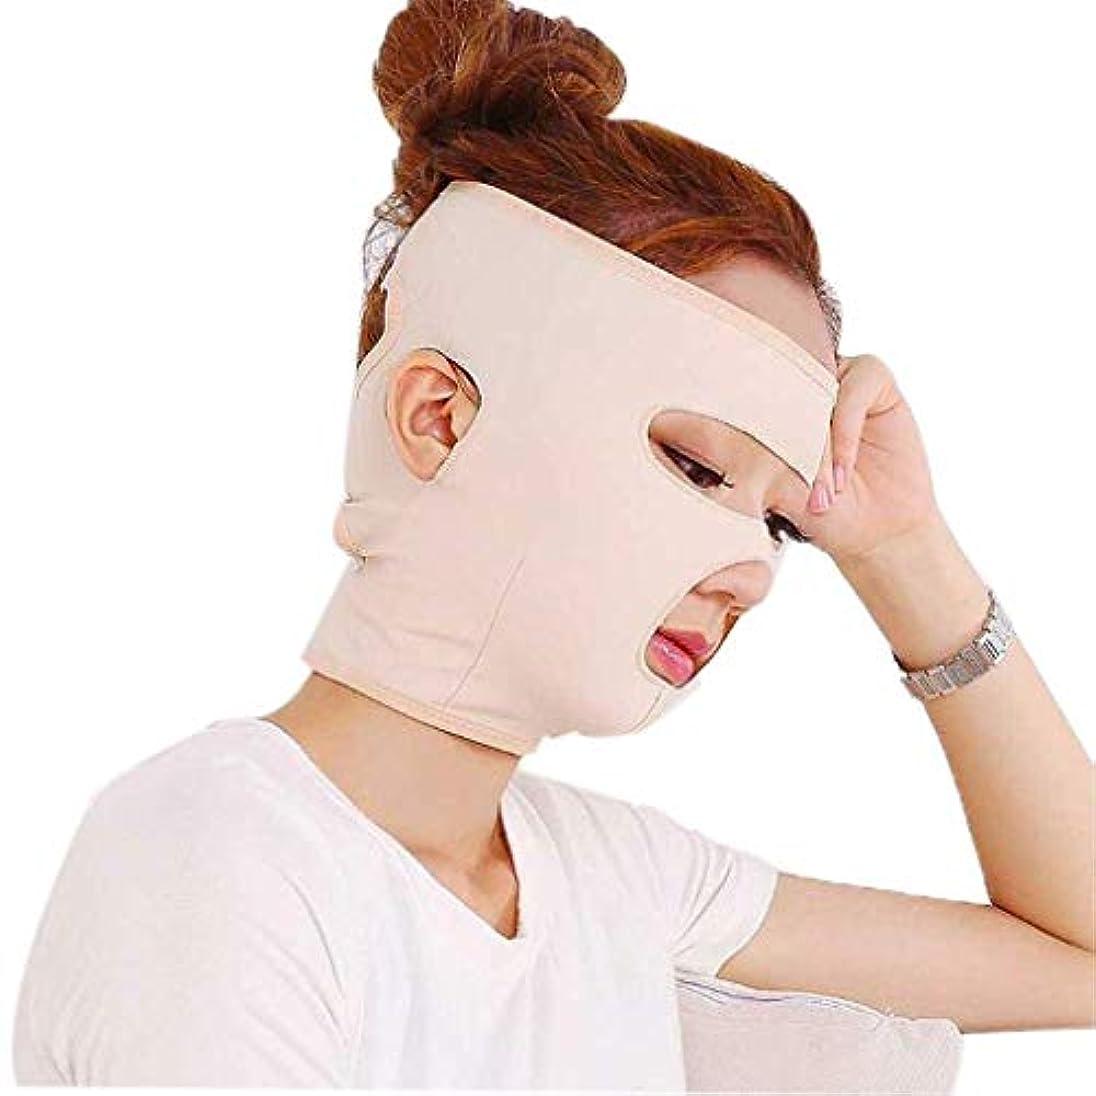 中共産主義者減衰フェイスリフティングマスク、フルフェイス通気性の術後回復包帯リフティング引き締め肌の減少により小さなVフェイスマスクを作成(サイズ:L)